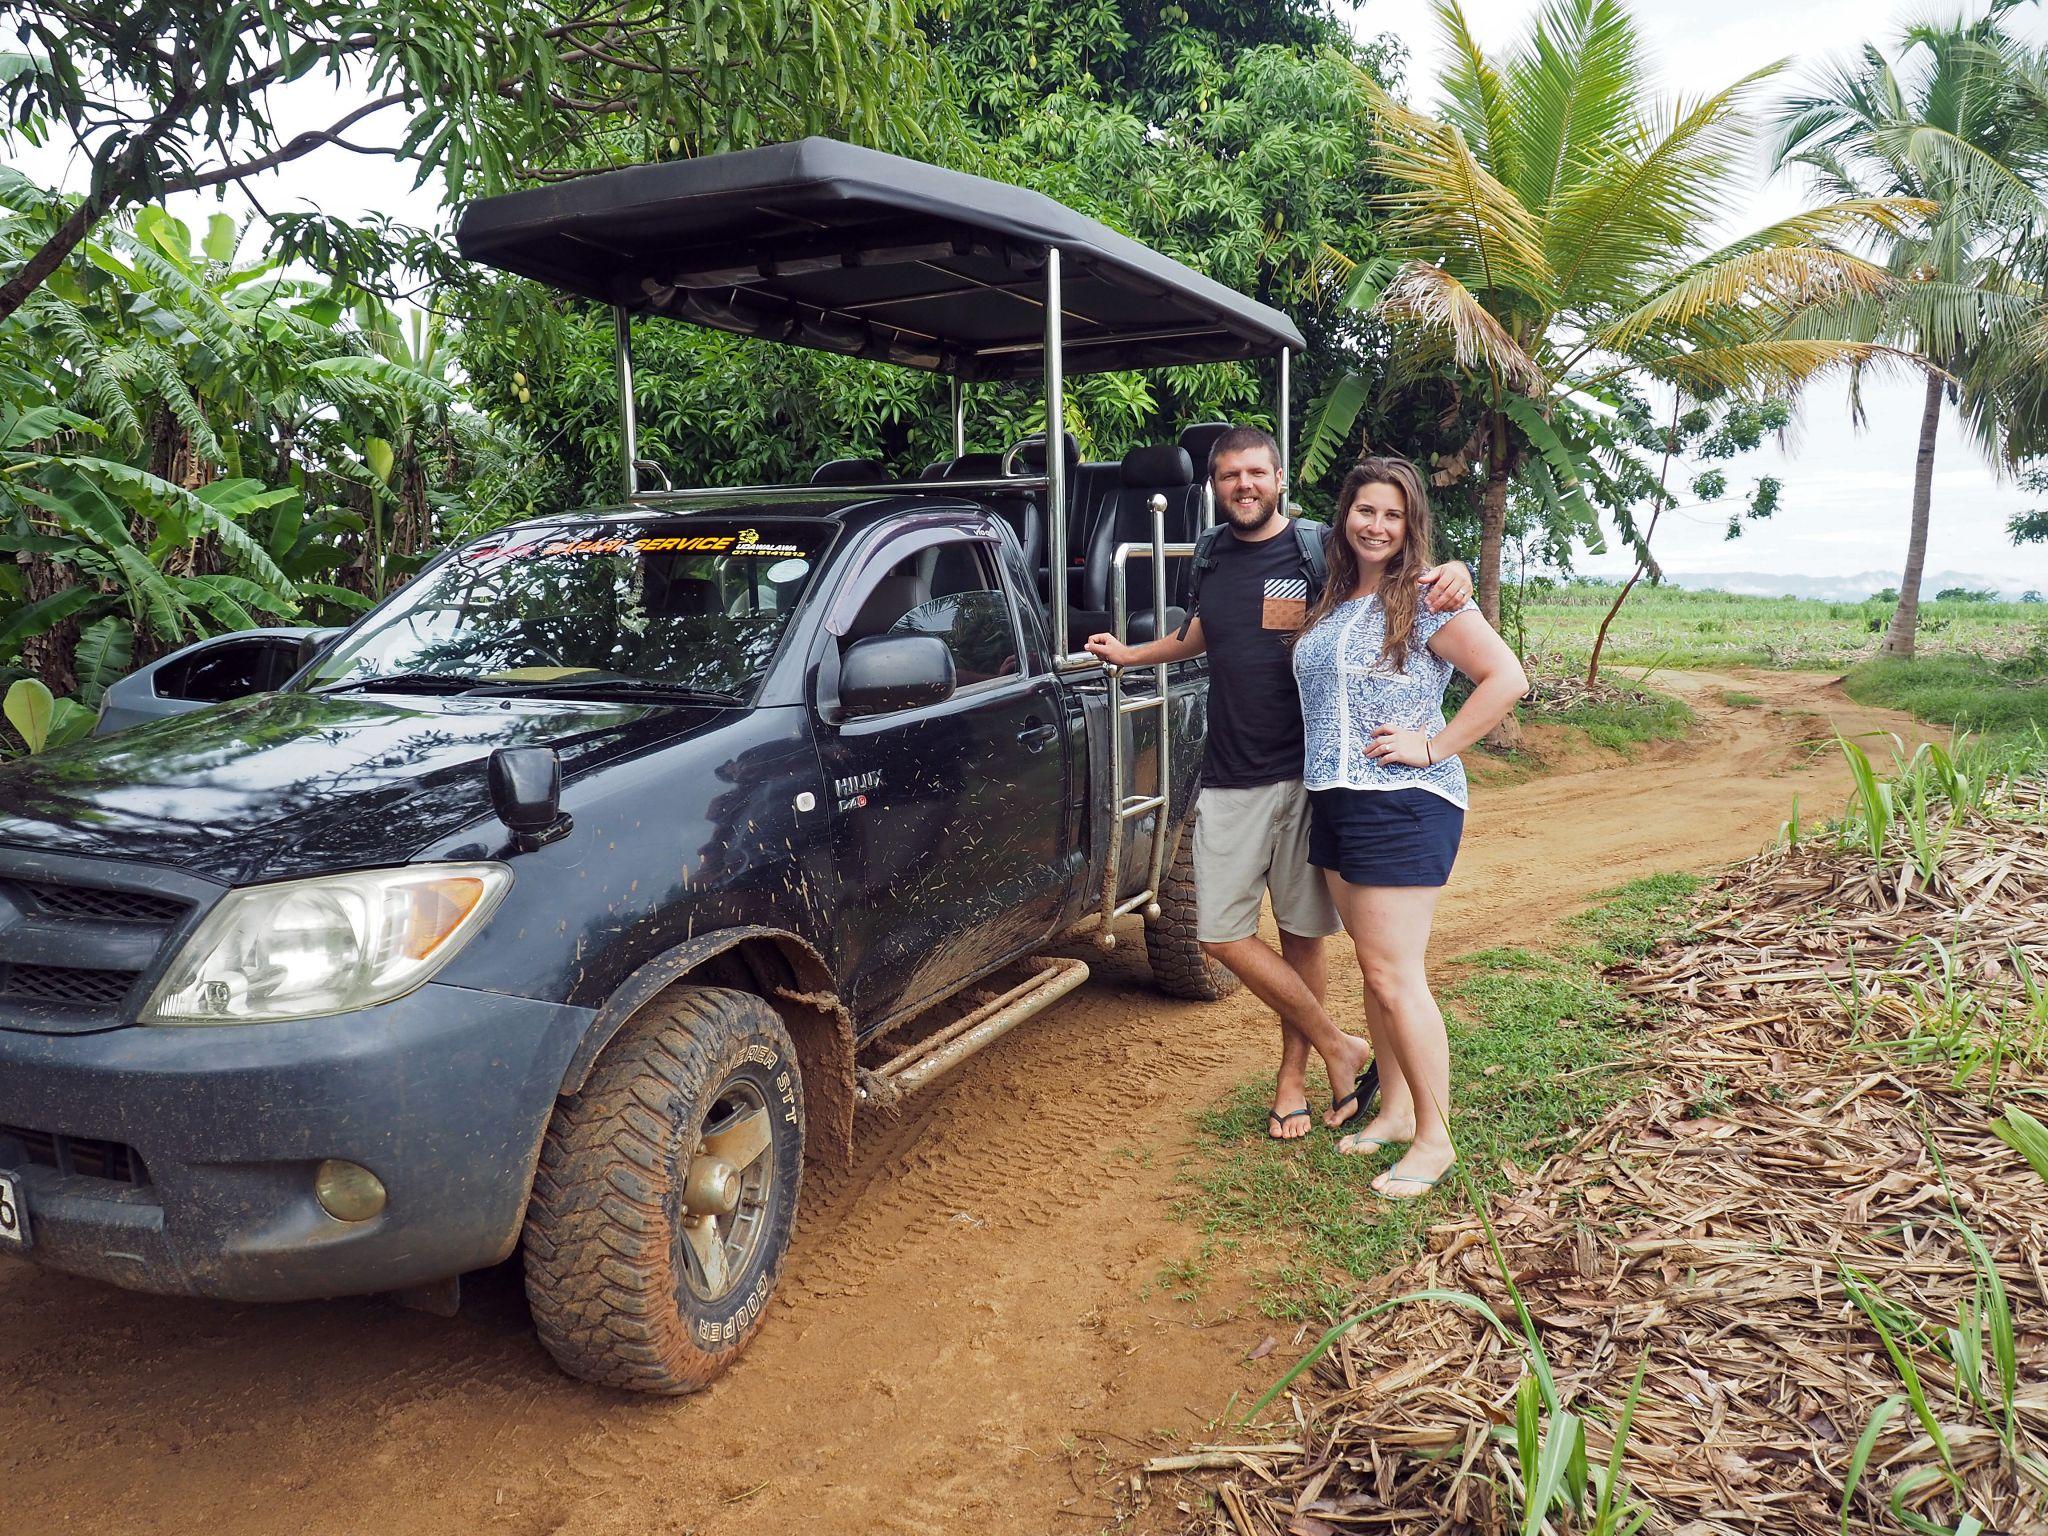 Couple with Master Campers Udawalawe Safari Vehicle